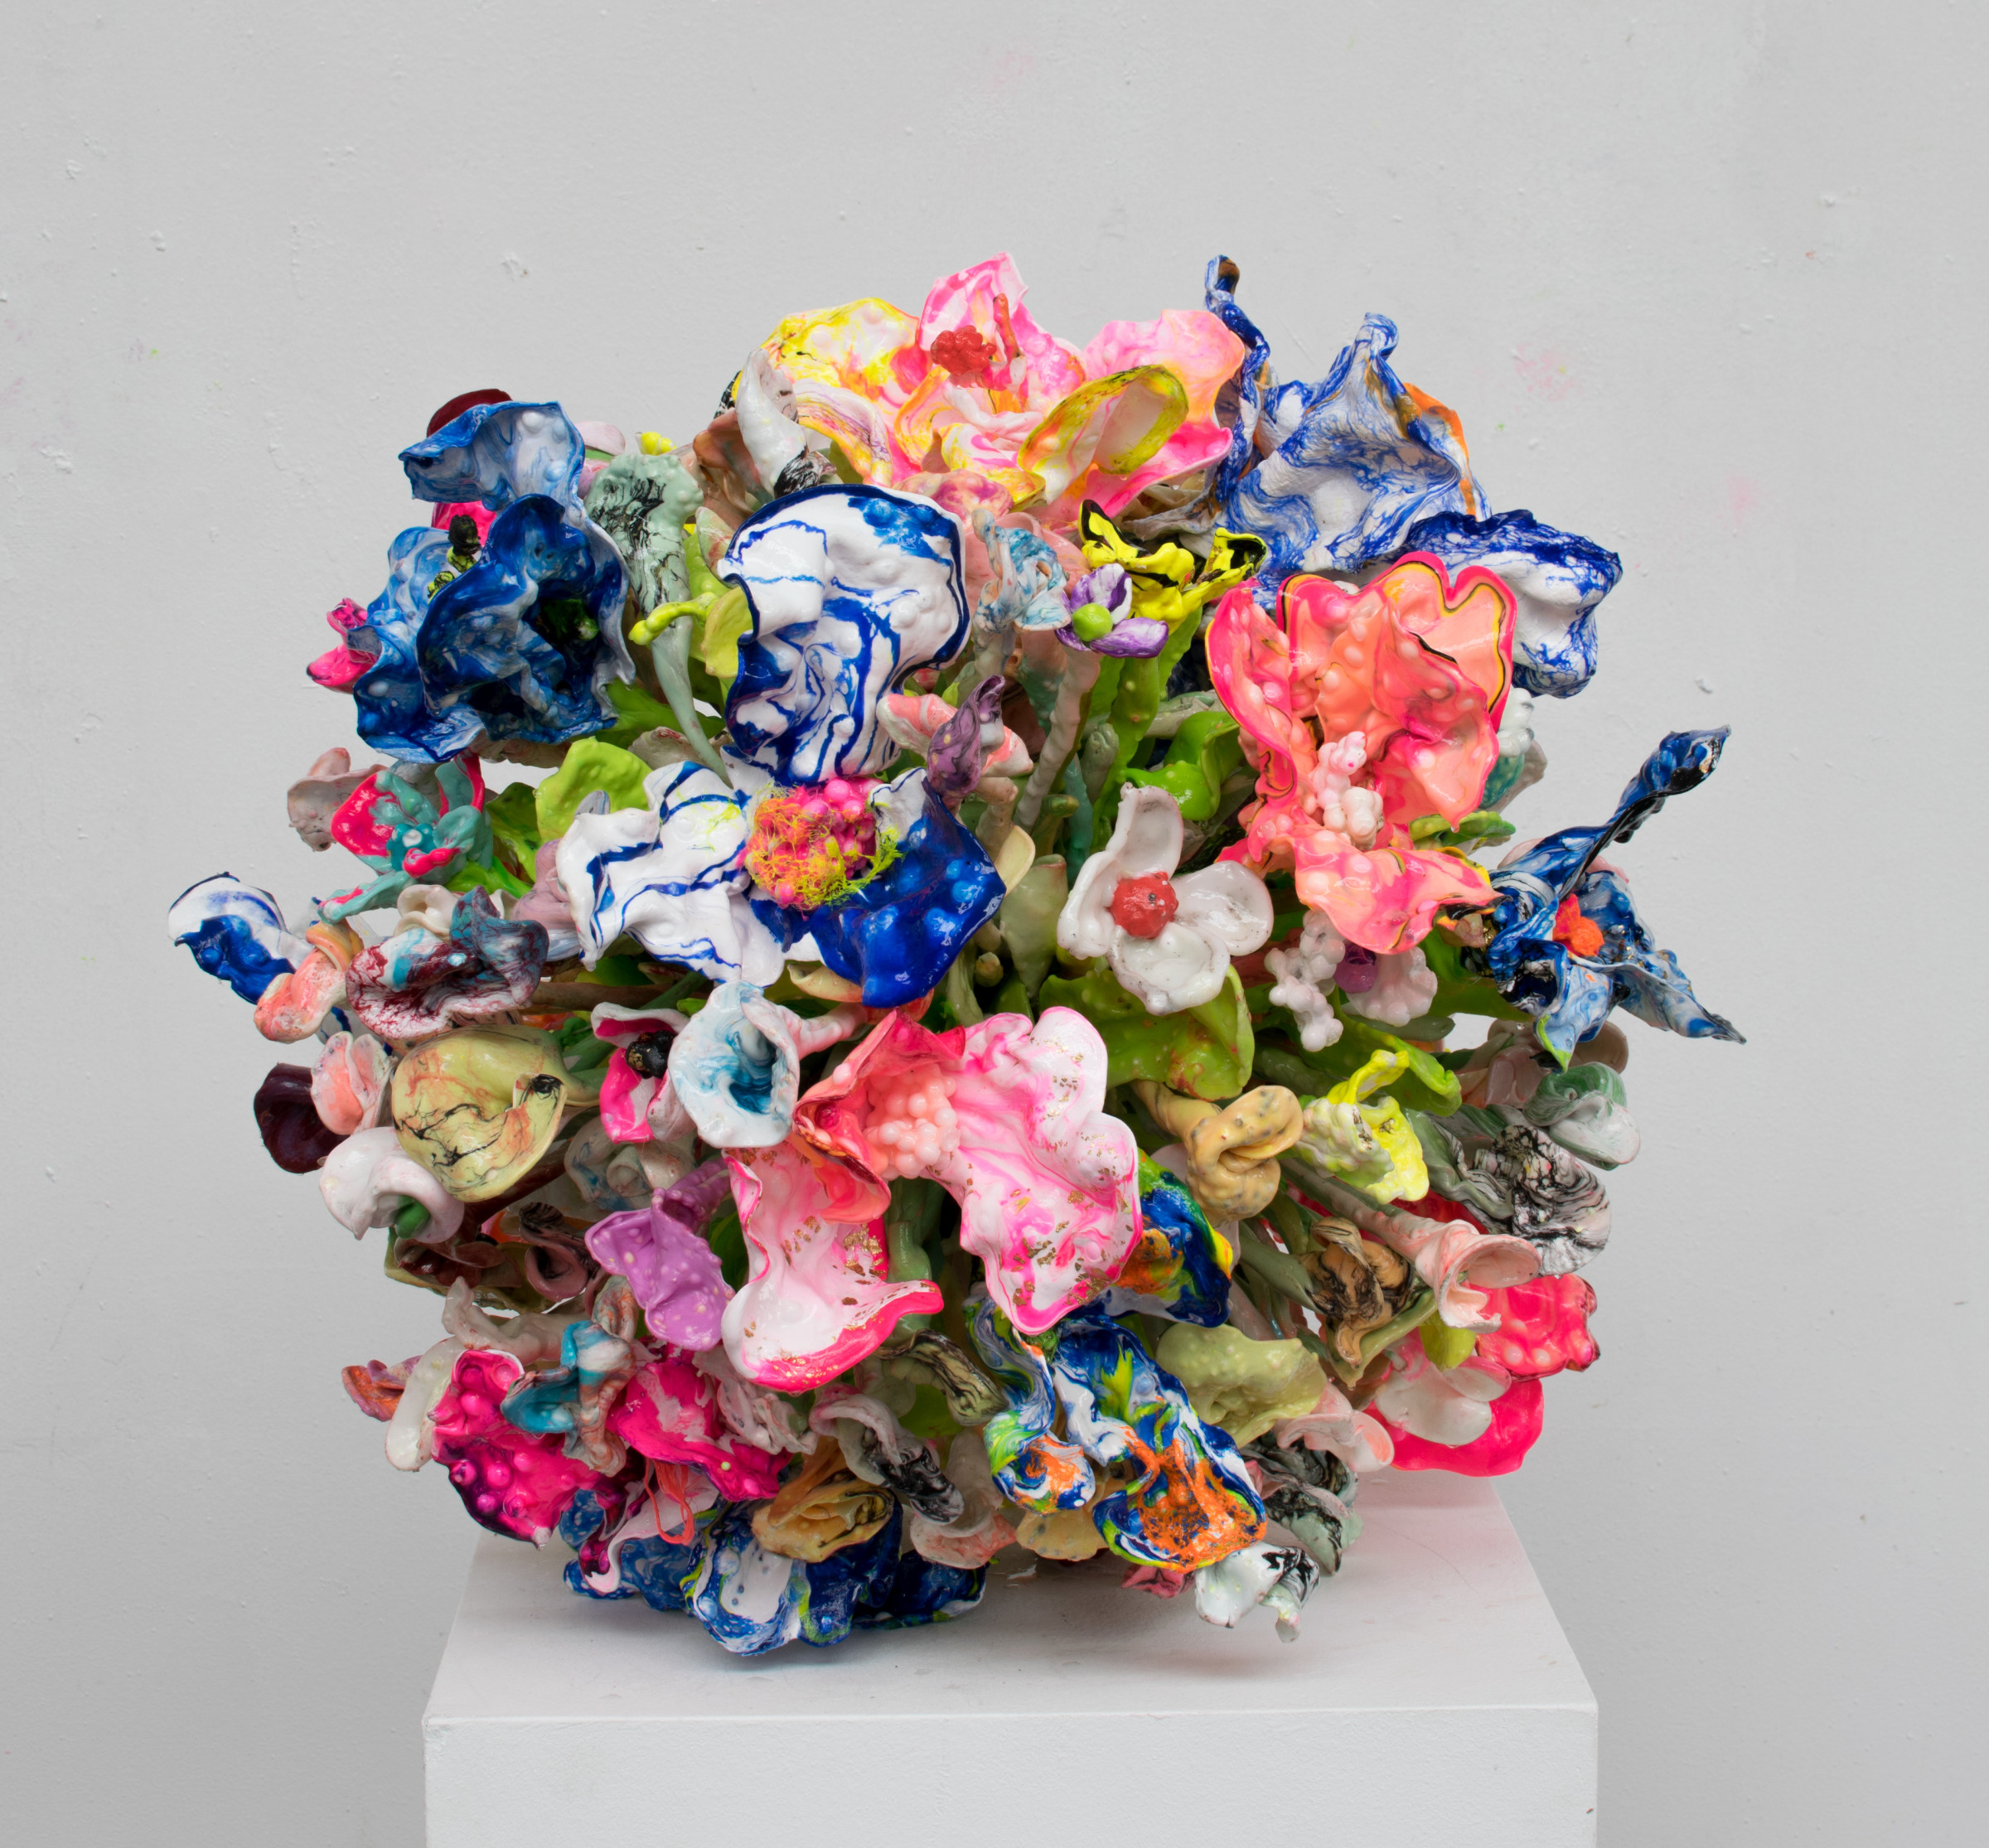 """<span class=""""link fancybox-details-link""""><a href=""""/artists/42-stefan-gross/works/5392-stefan-gross-flower-bomb-2019/"""">View Detail Page</a></span><div class=""""artist""""><strong>Stefan Gross</strong></div> <div class=""""title""""><em>Flower Bomb</em>, 2019</div> <div class=""""medium"""">Oil Plastic</div> <div class=""""dimensions"""">50 cm</div><div class=""""price"""">€5,000.00</div>"""